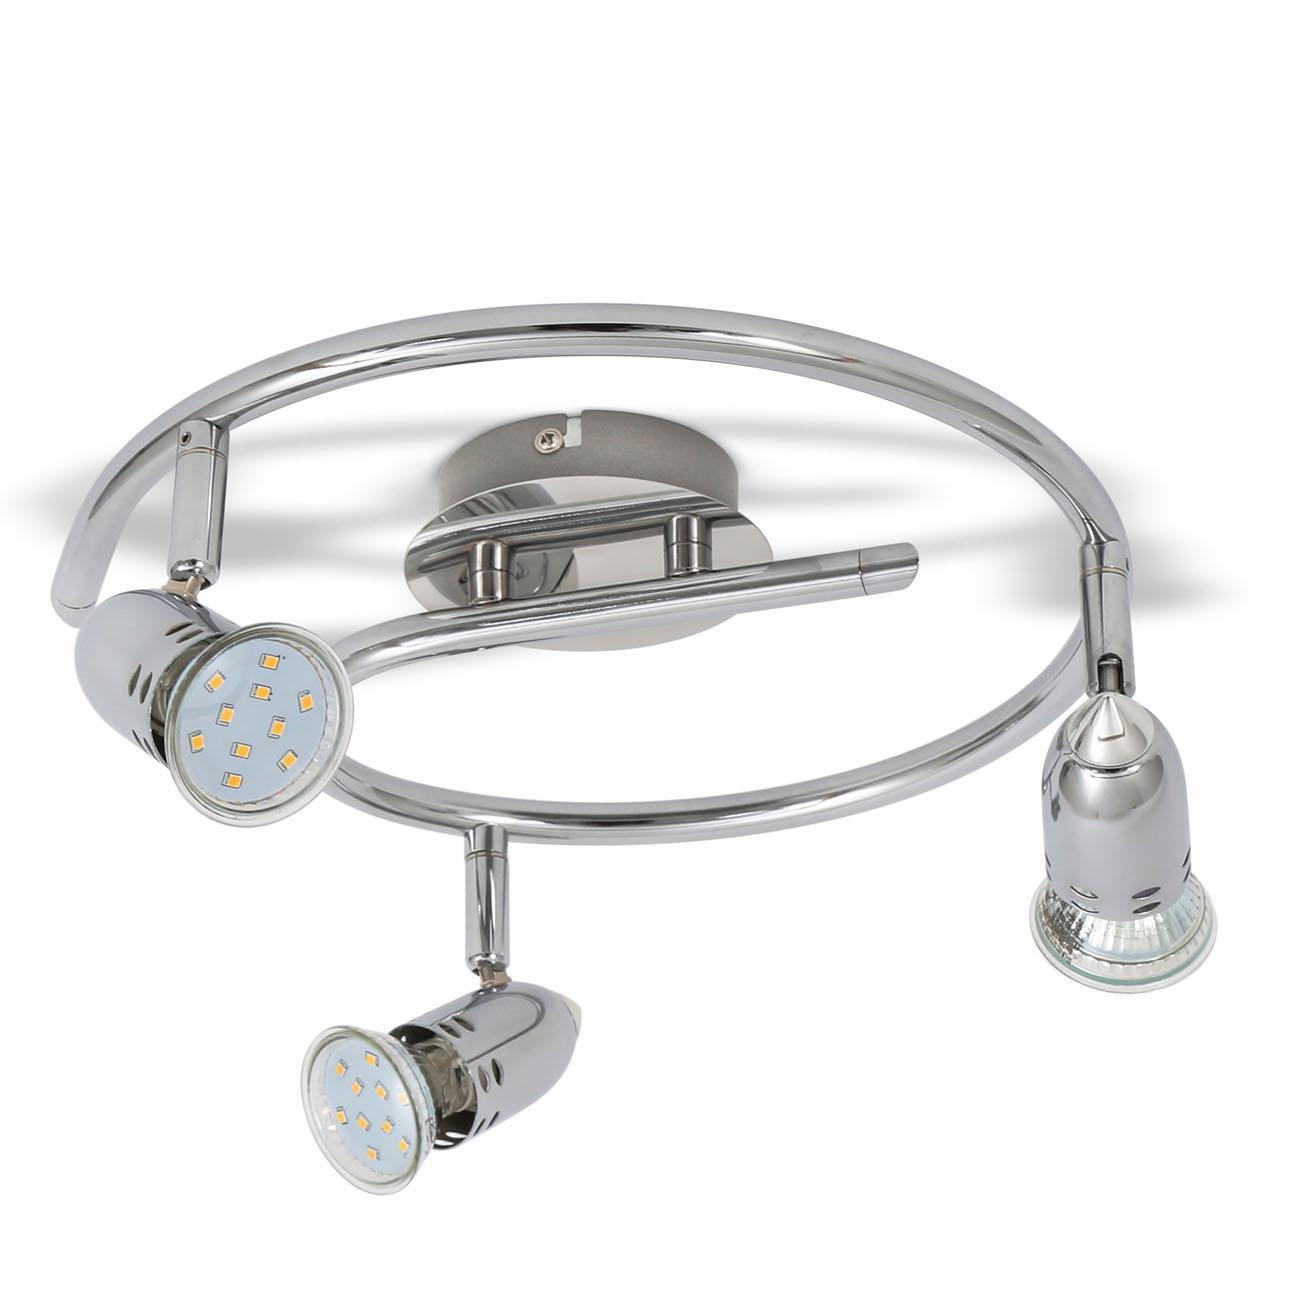 LED Deckenleuchte Spotleuchte GU10 - 1